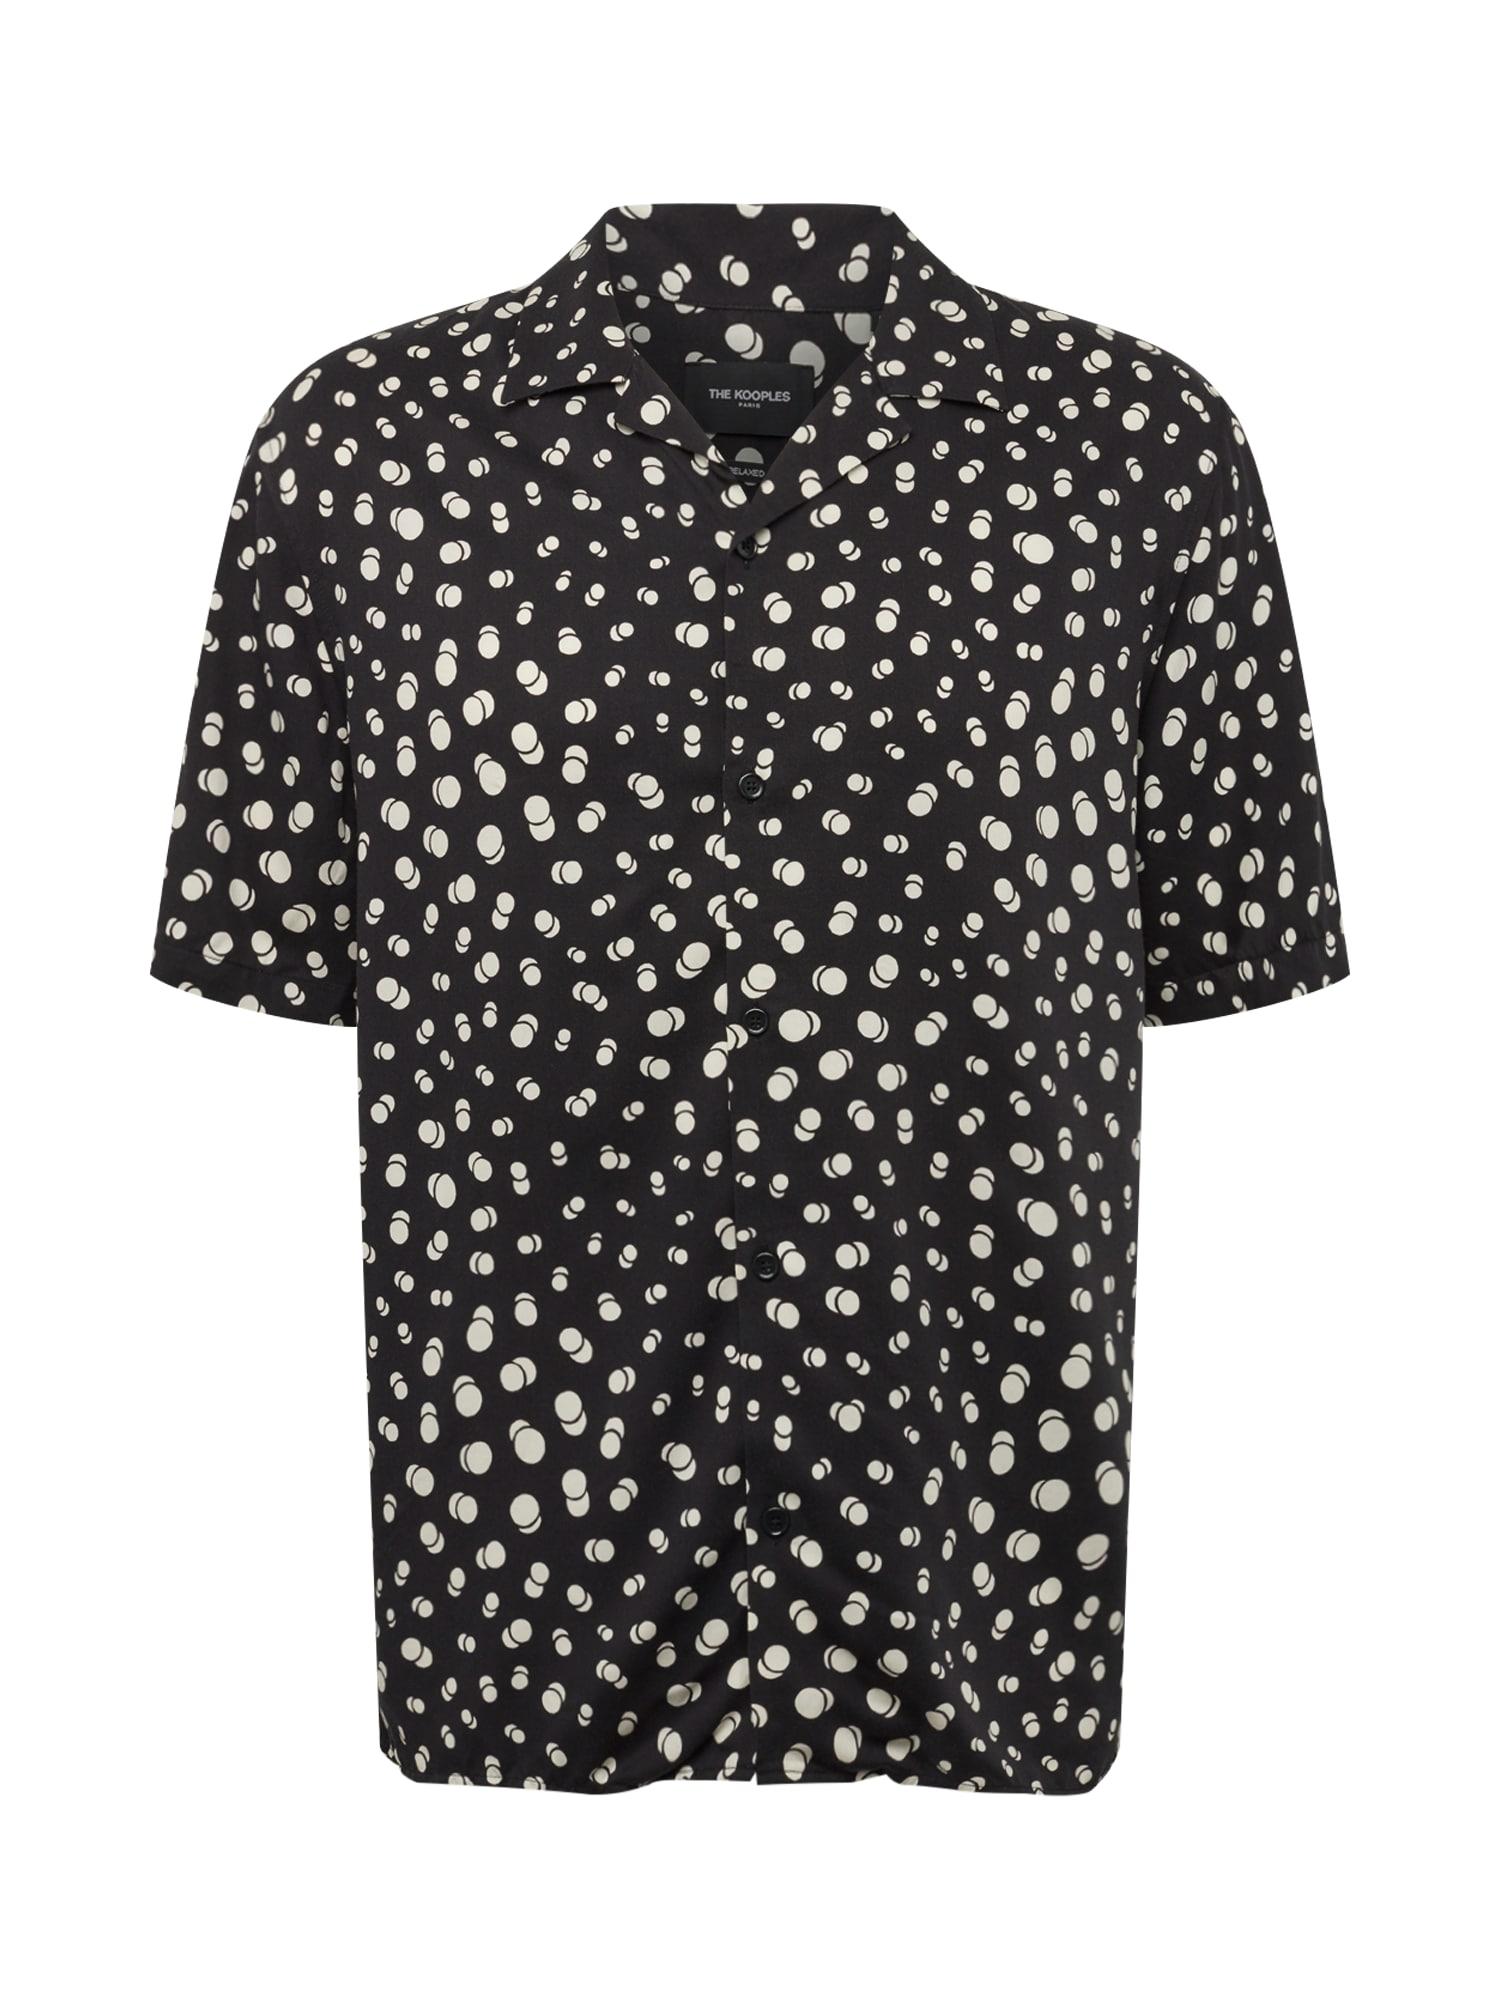 Košile CHEMISE černá bílá The Kooples